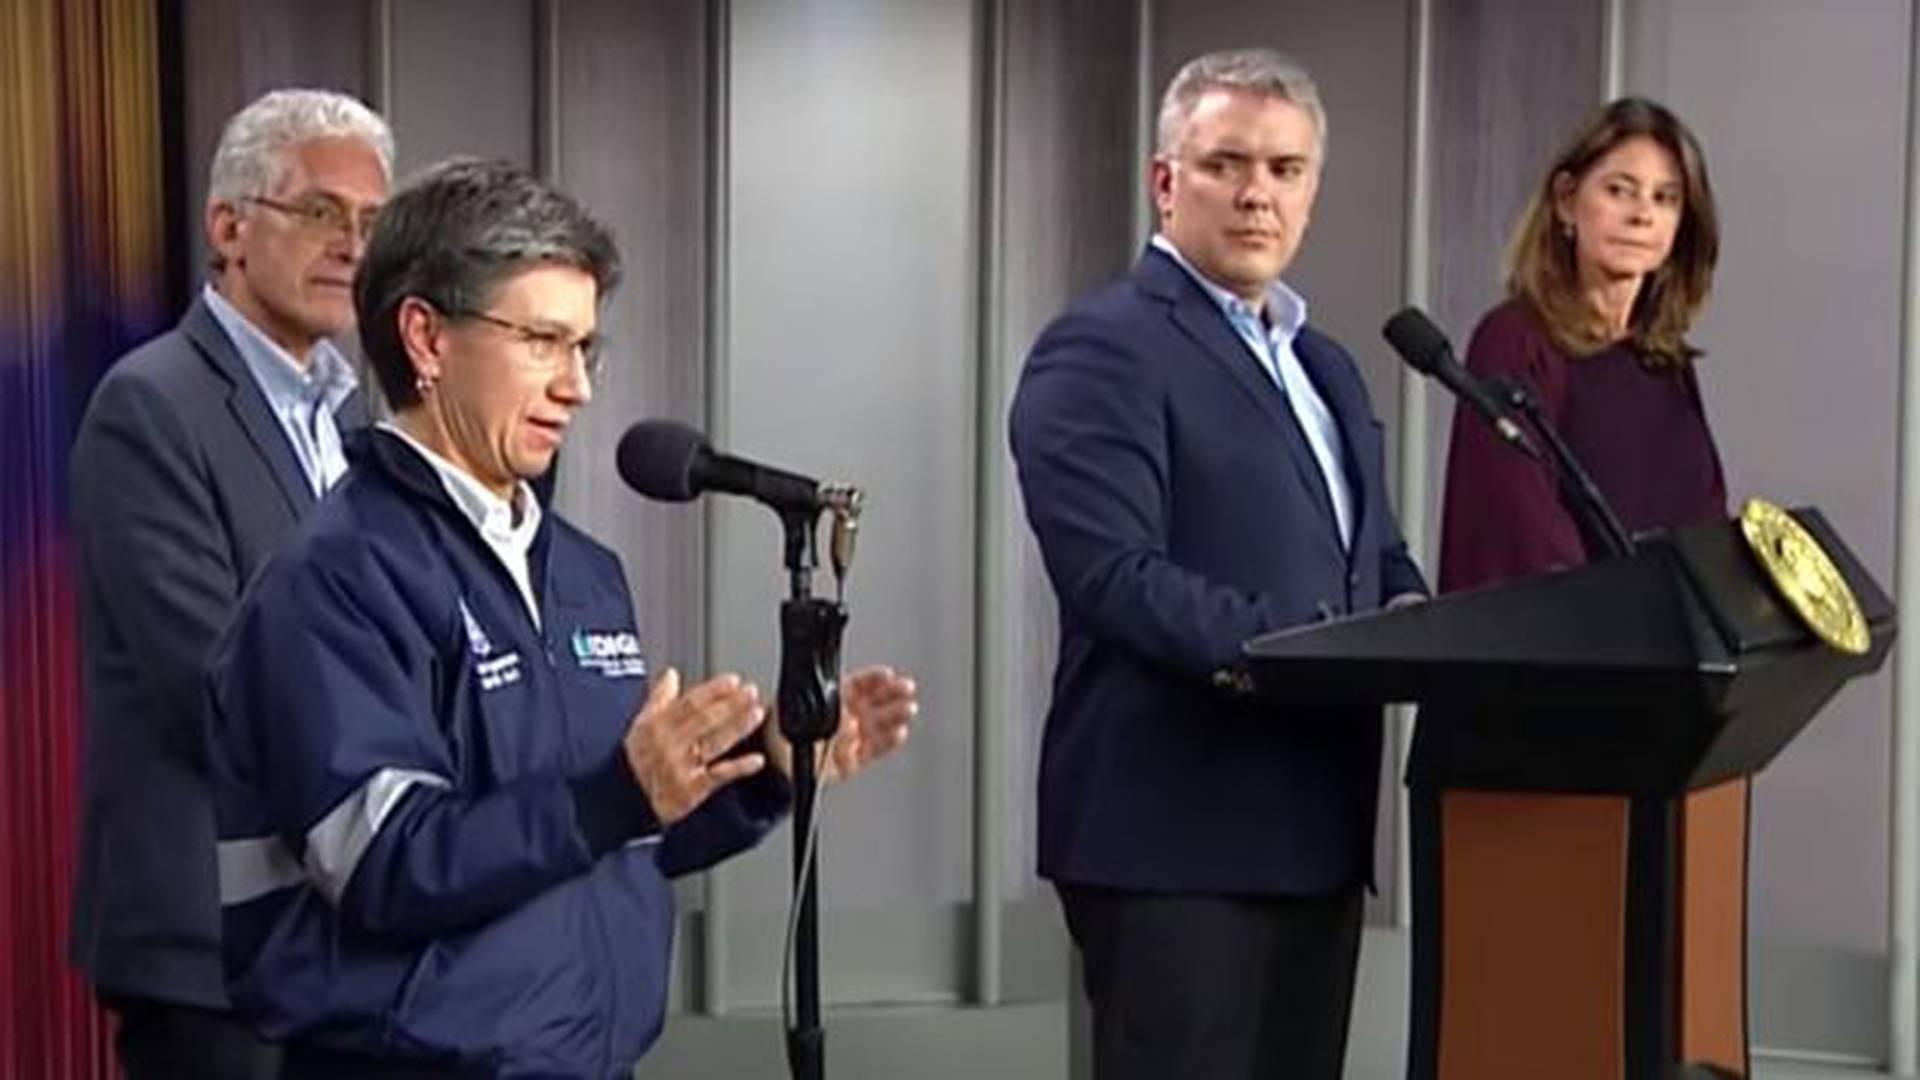 Esta imagen, tomada de una alocución sobre la pandemia presidida por Duque y la vicepresidenta, se hizo viral como supuesta prueba de que López era quien daba las órdenes.